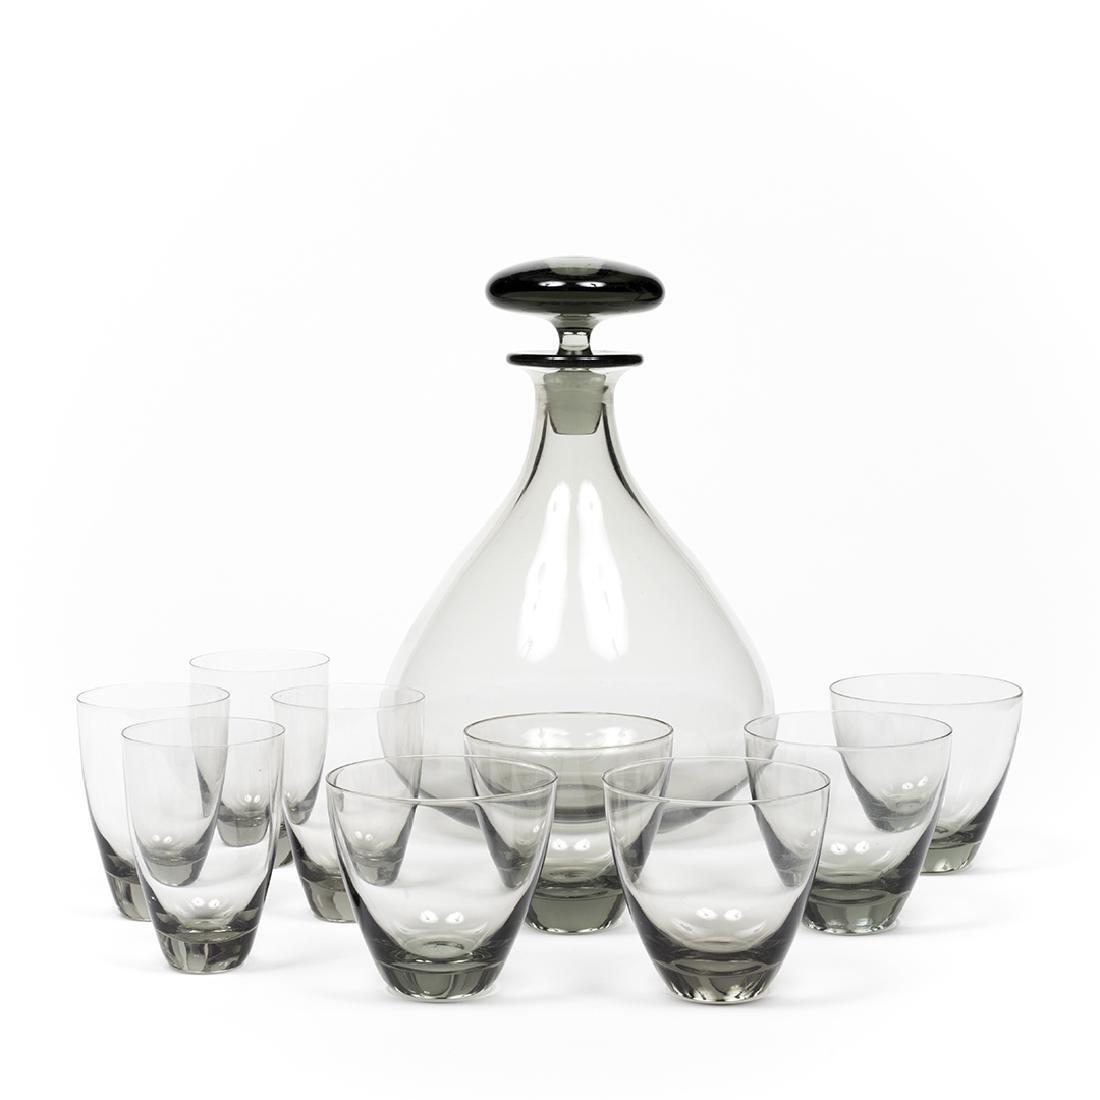 Per Lutken Bottle and Glasses (12)